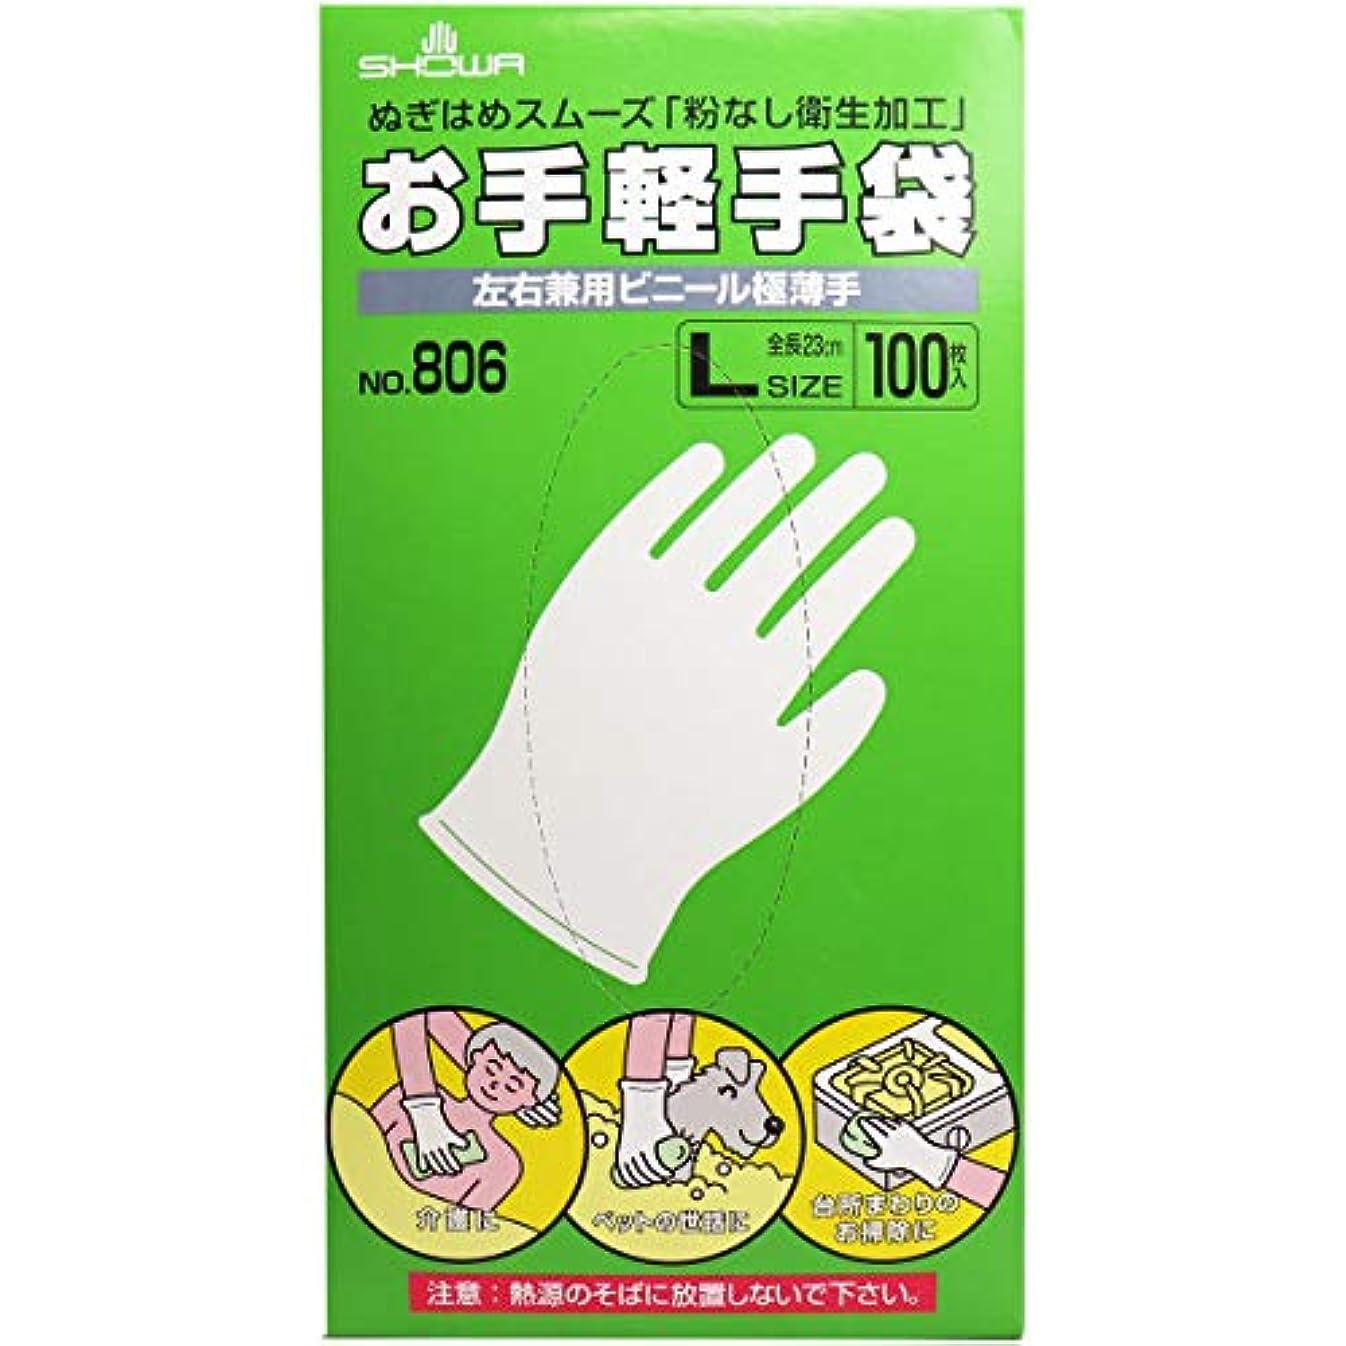 四面体鈍いタップお手軽手袋 No.806 左右兼用ビニール極薄手 粉なし Lサイズ 100枚入×2個セット